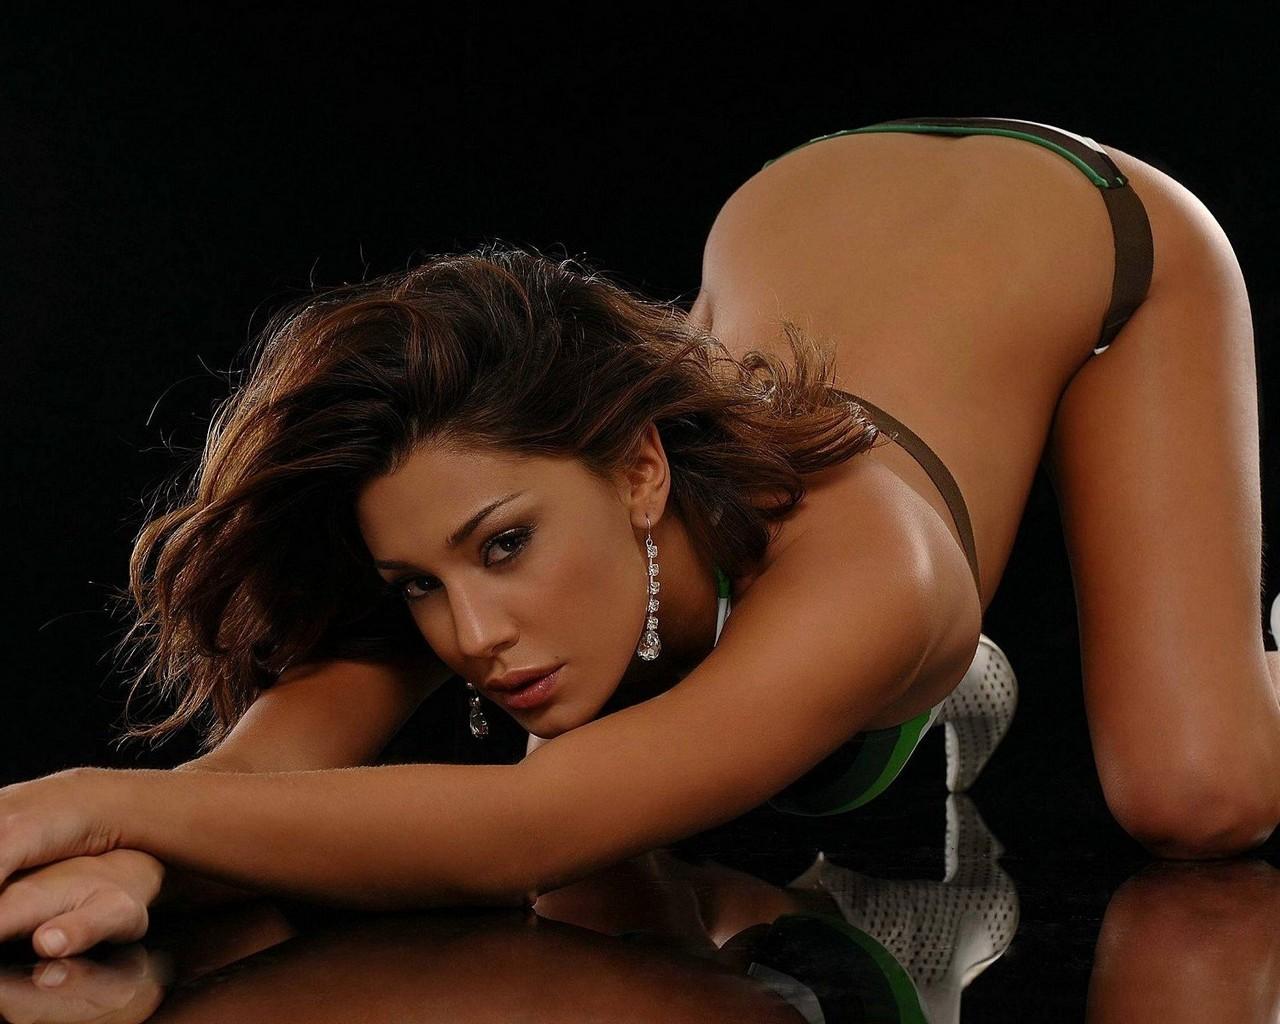 ragazze che fanno l amore con altre ragazze massaggi erotici completi